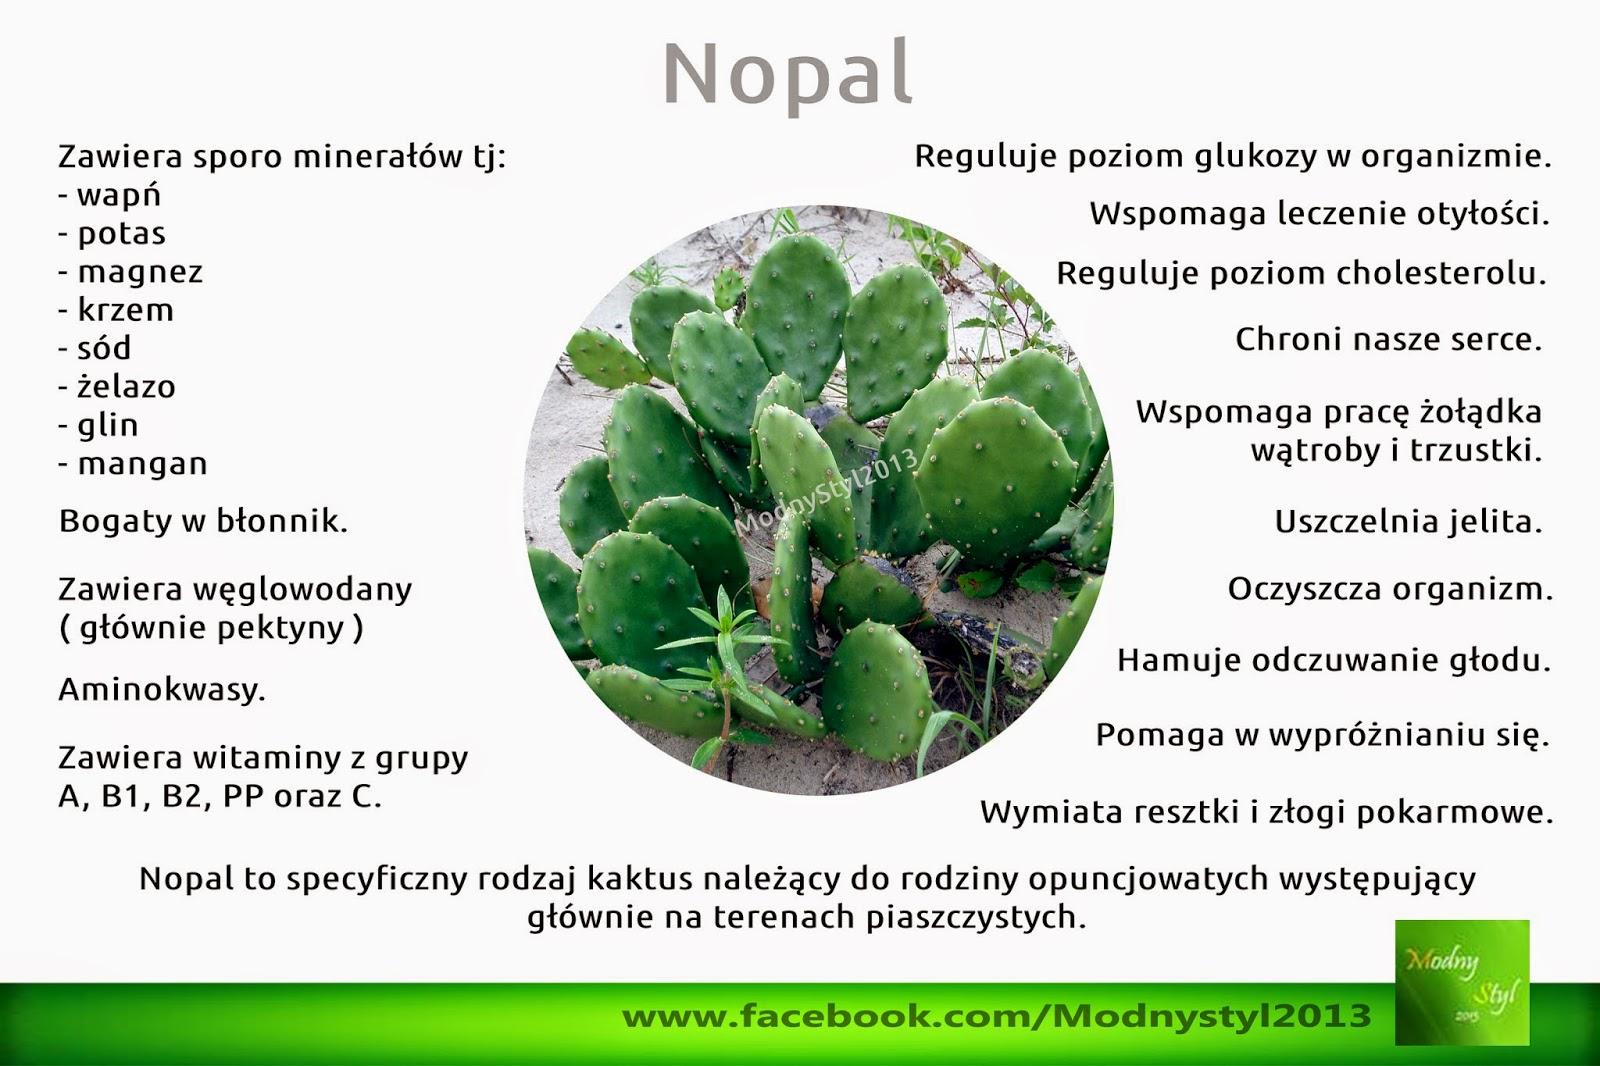 Nopal czyli opuncja figowa